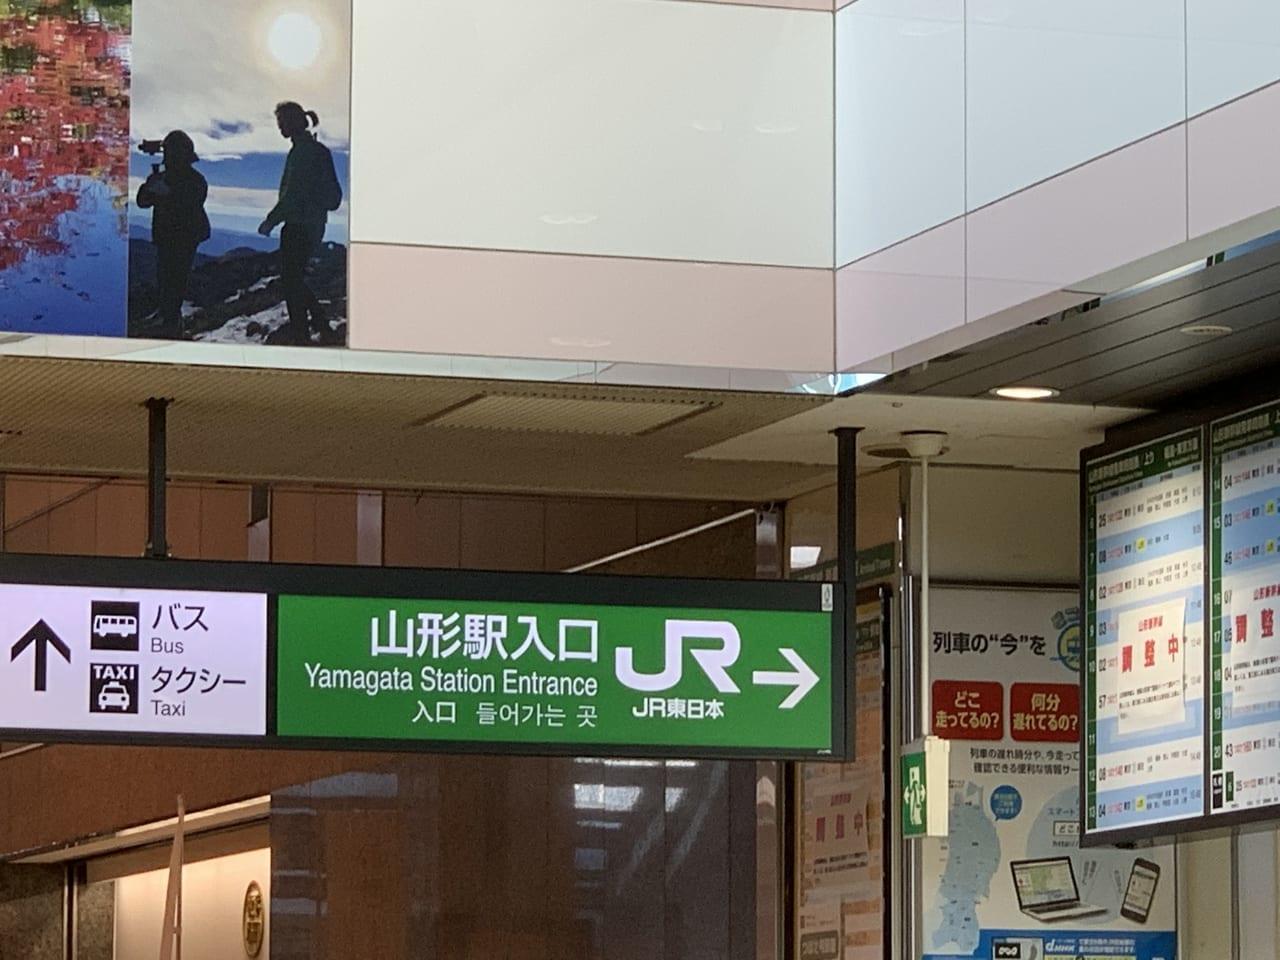 山形駅改札口